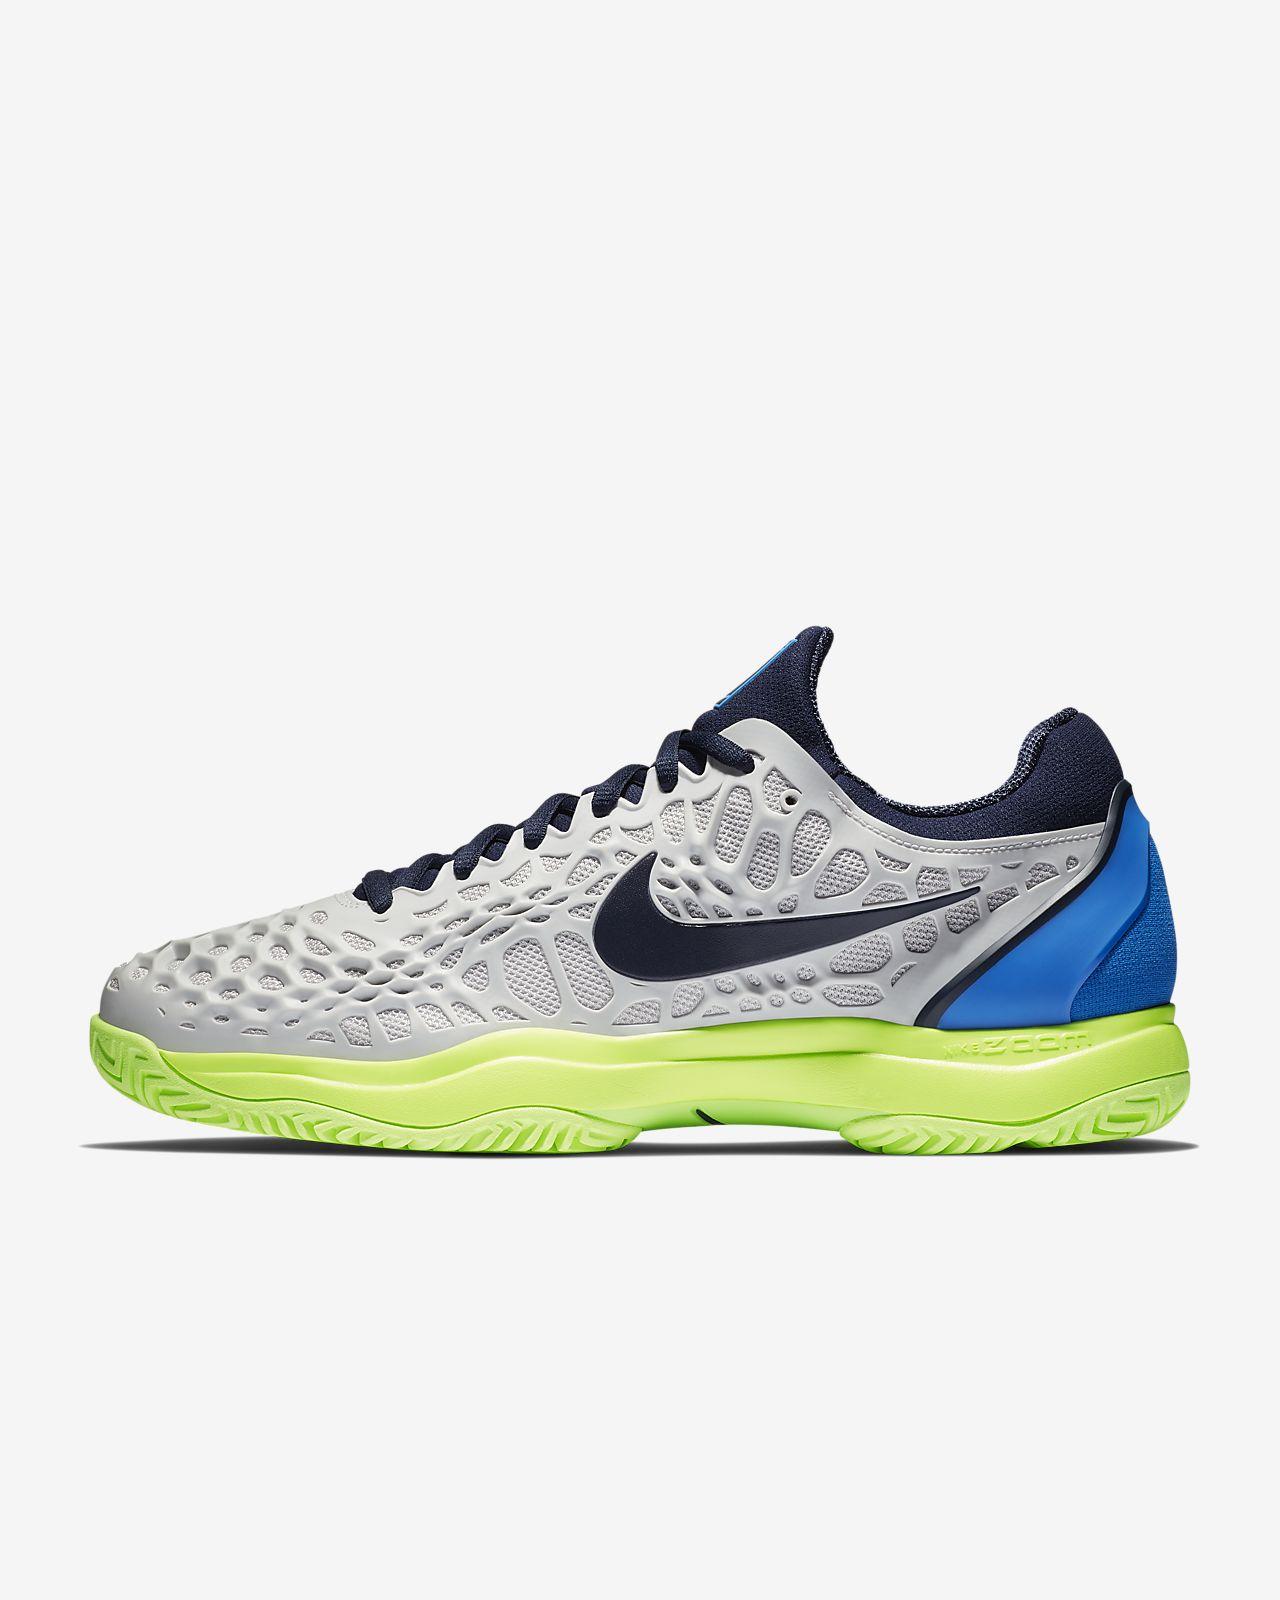 buy popular 96c3a 63f64 ... Chaussure de tennis pour surface dure NikeCourt Zoom Cage 3 pour Homme